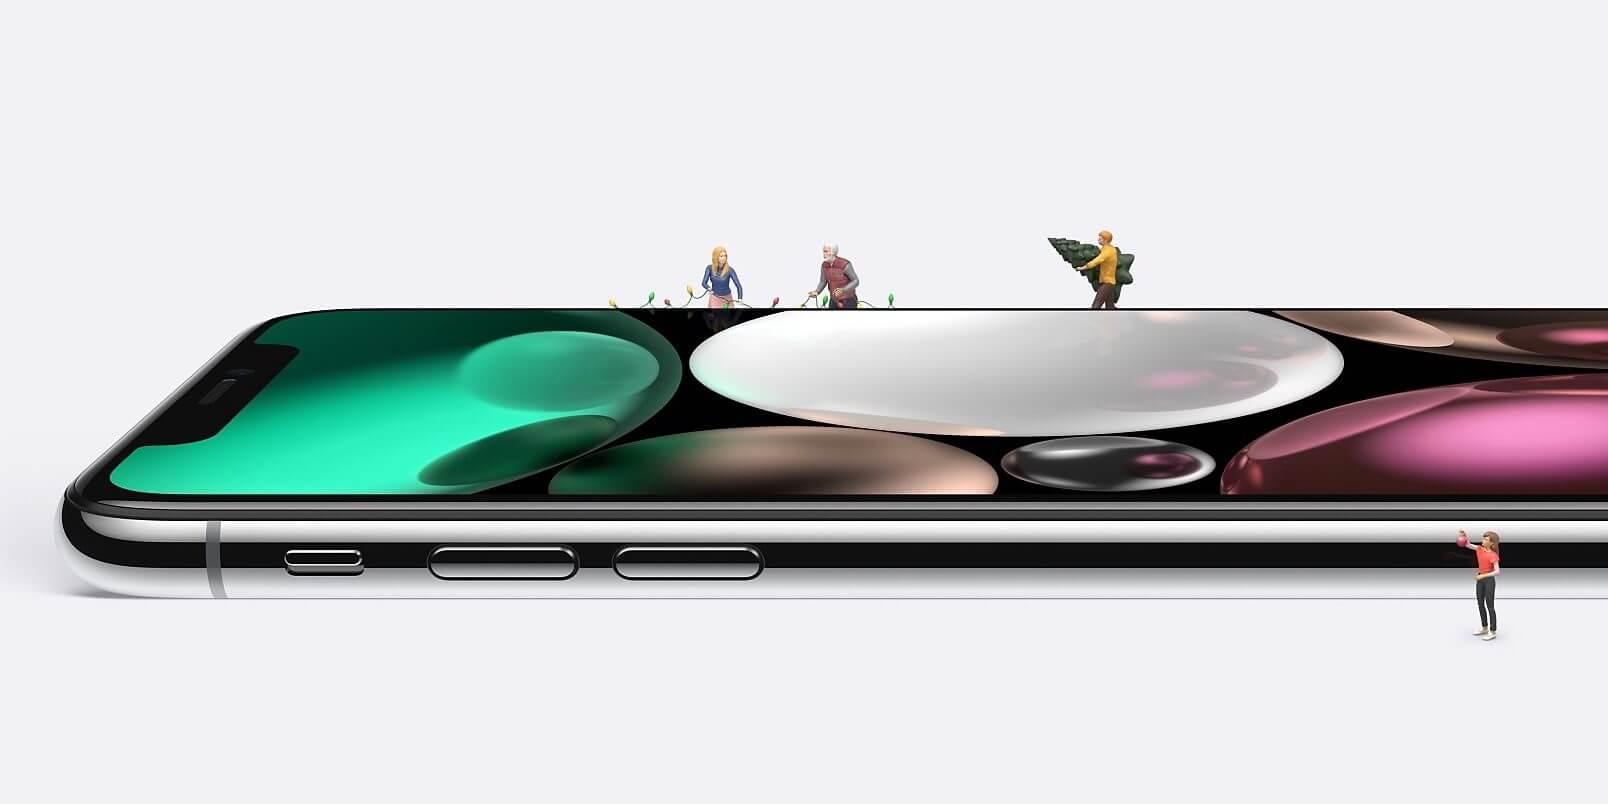 Ausgeklinkt: iPhones 2018 sollen ohne Lightning-auf-Klinke-Adapter kommen